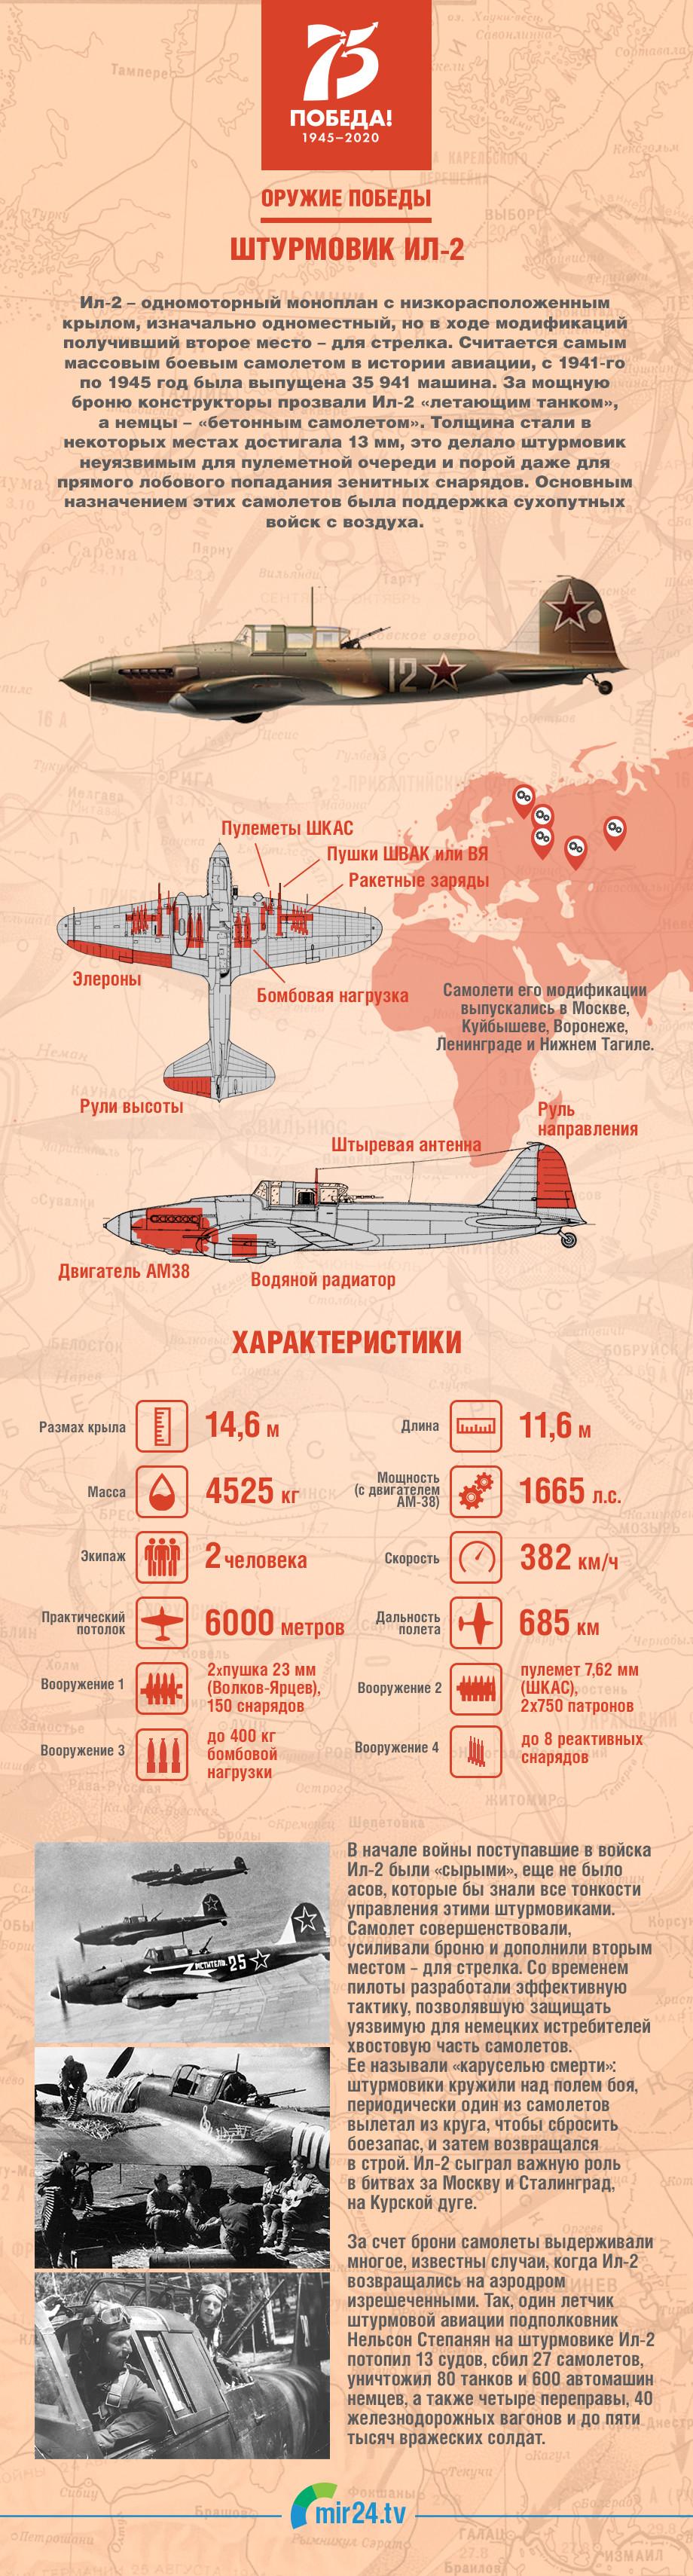 Оружие Победы: «летающий танк» Ил-2. ИНФОГРАФИКА